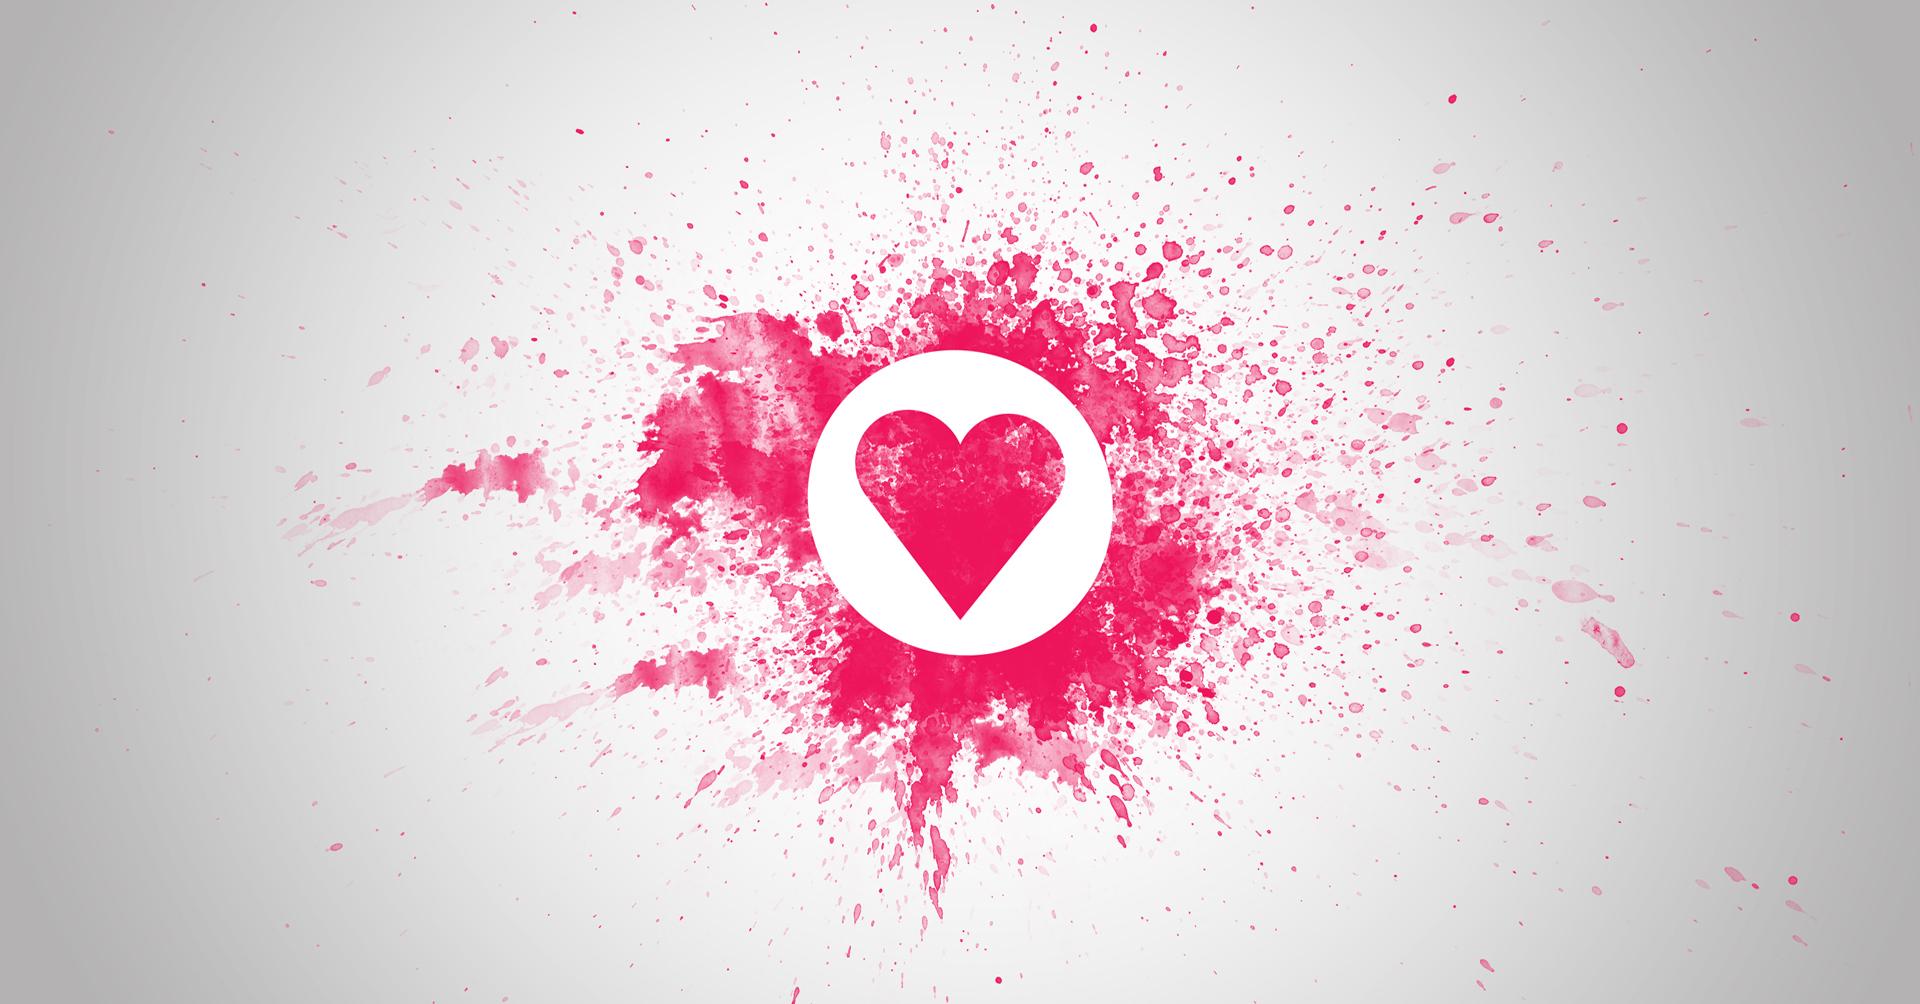 Sfondi Amore Cuore Testo Logo Disegno Grafico San Valentino